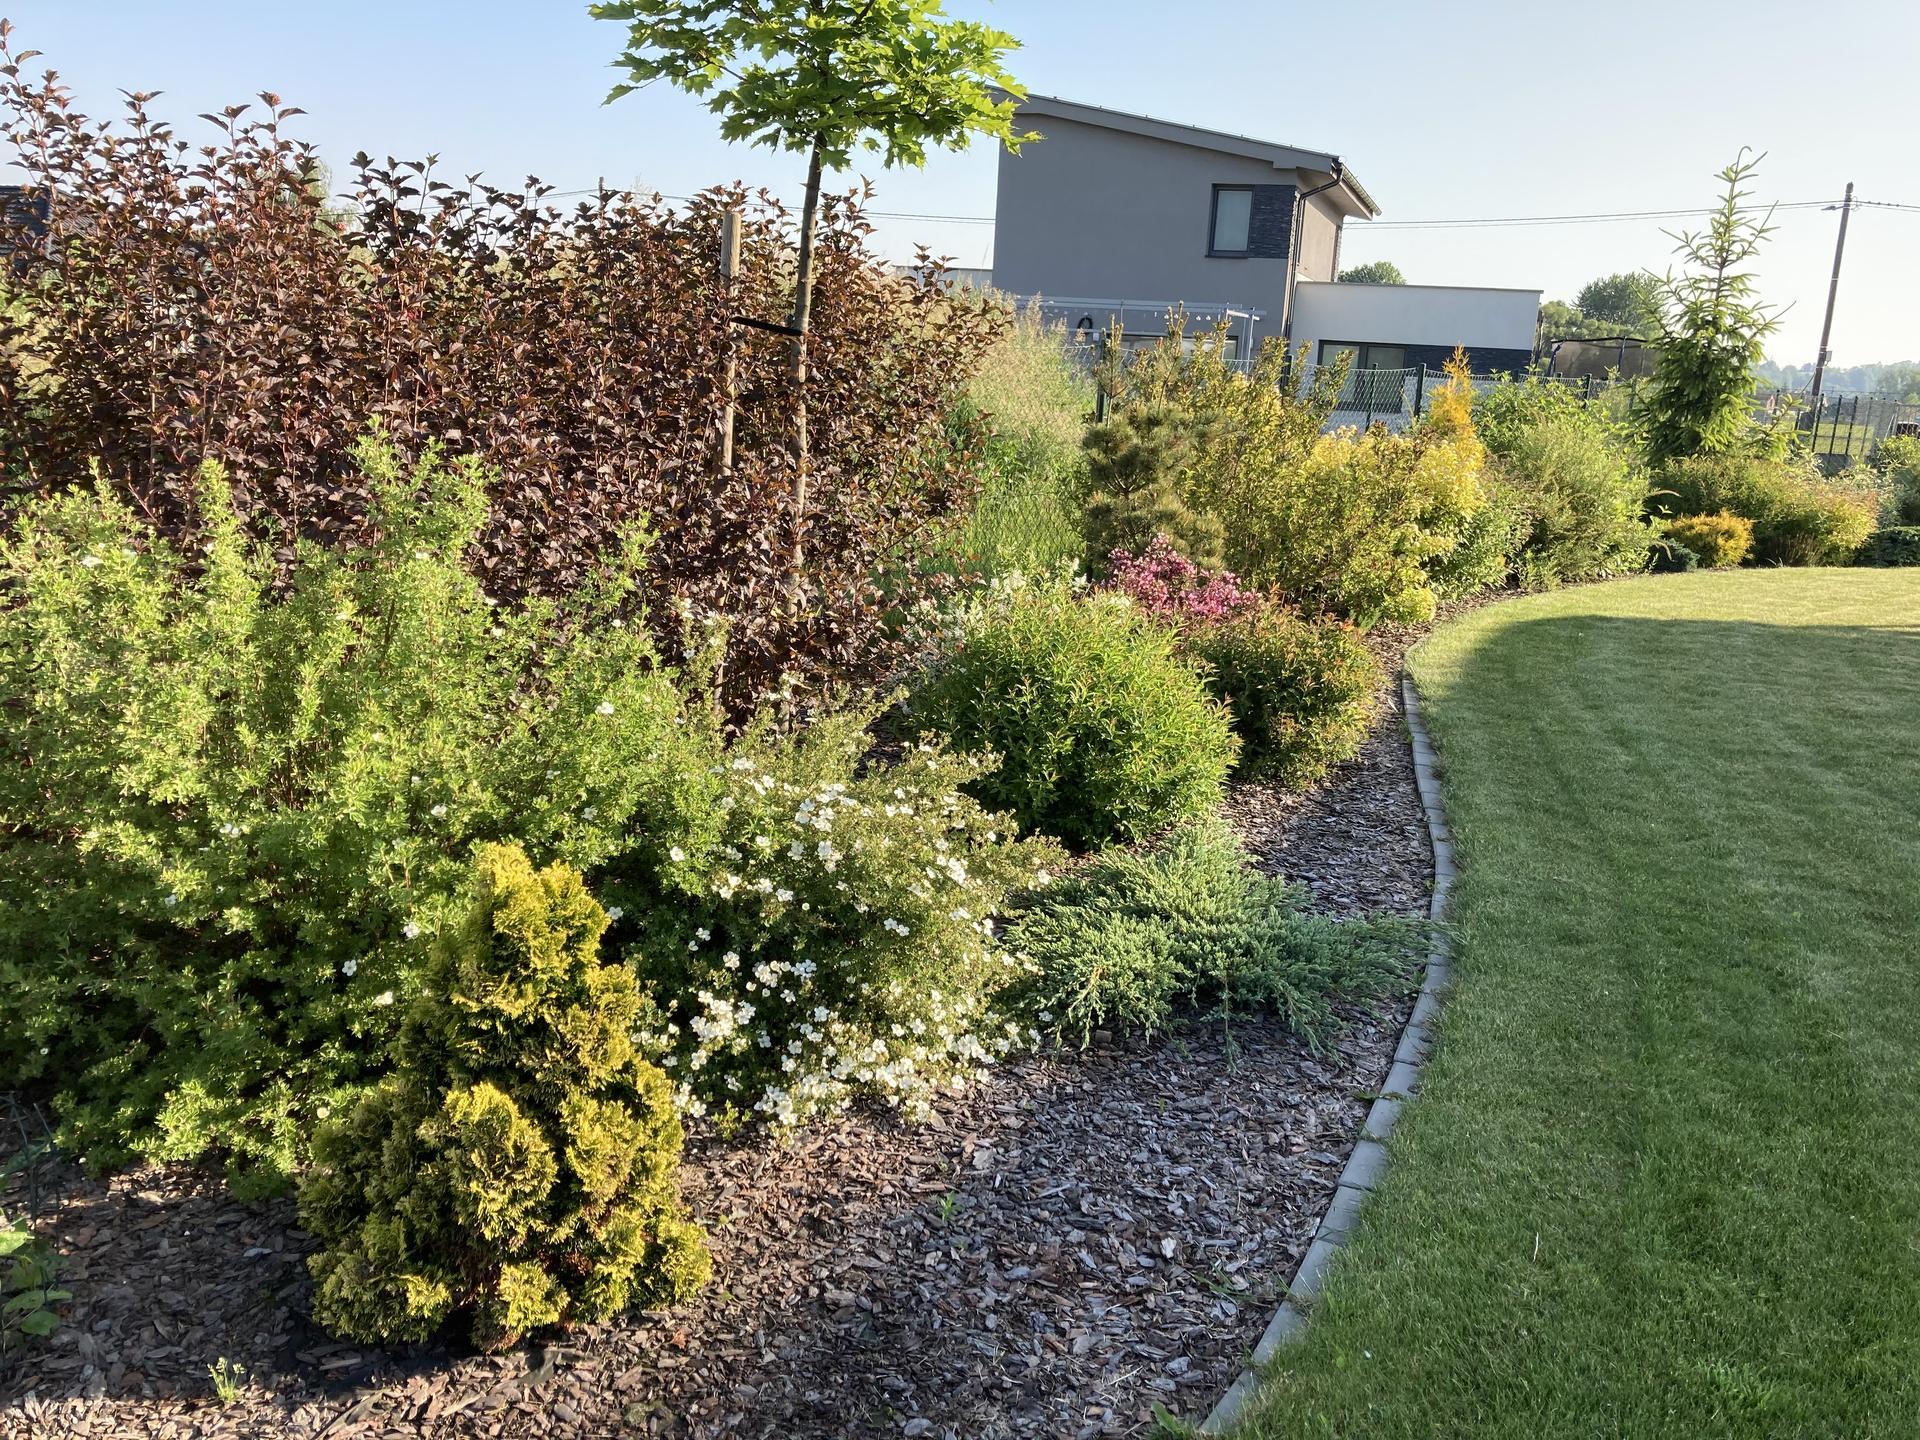 Šestý rok zahradničím - Obrázek č. 41